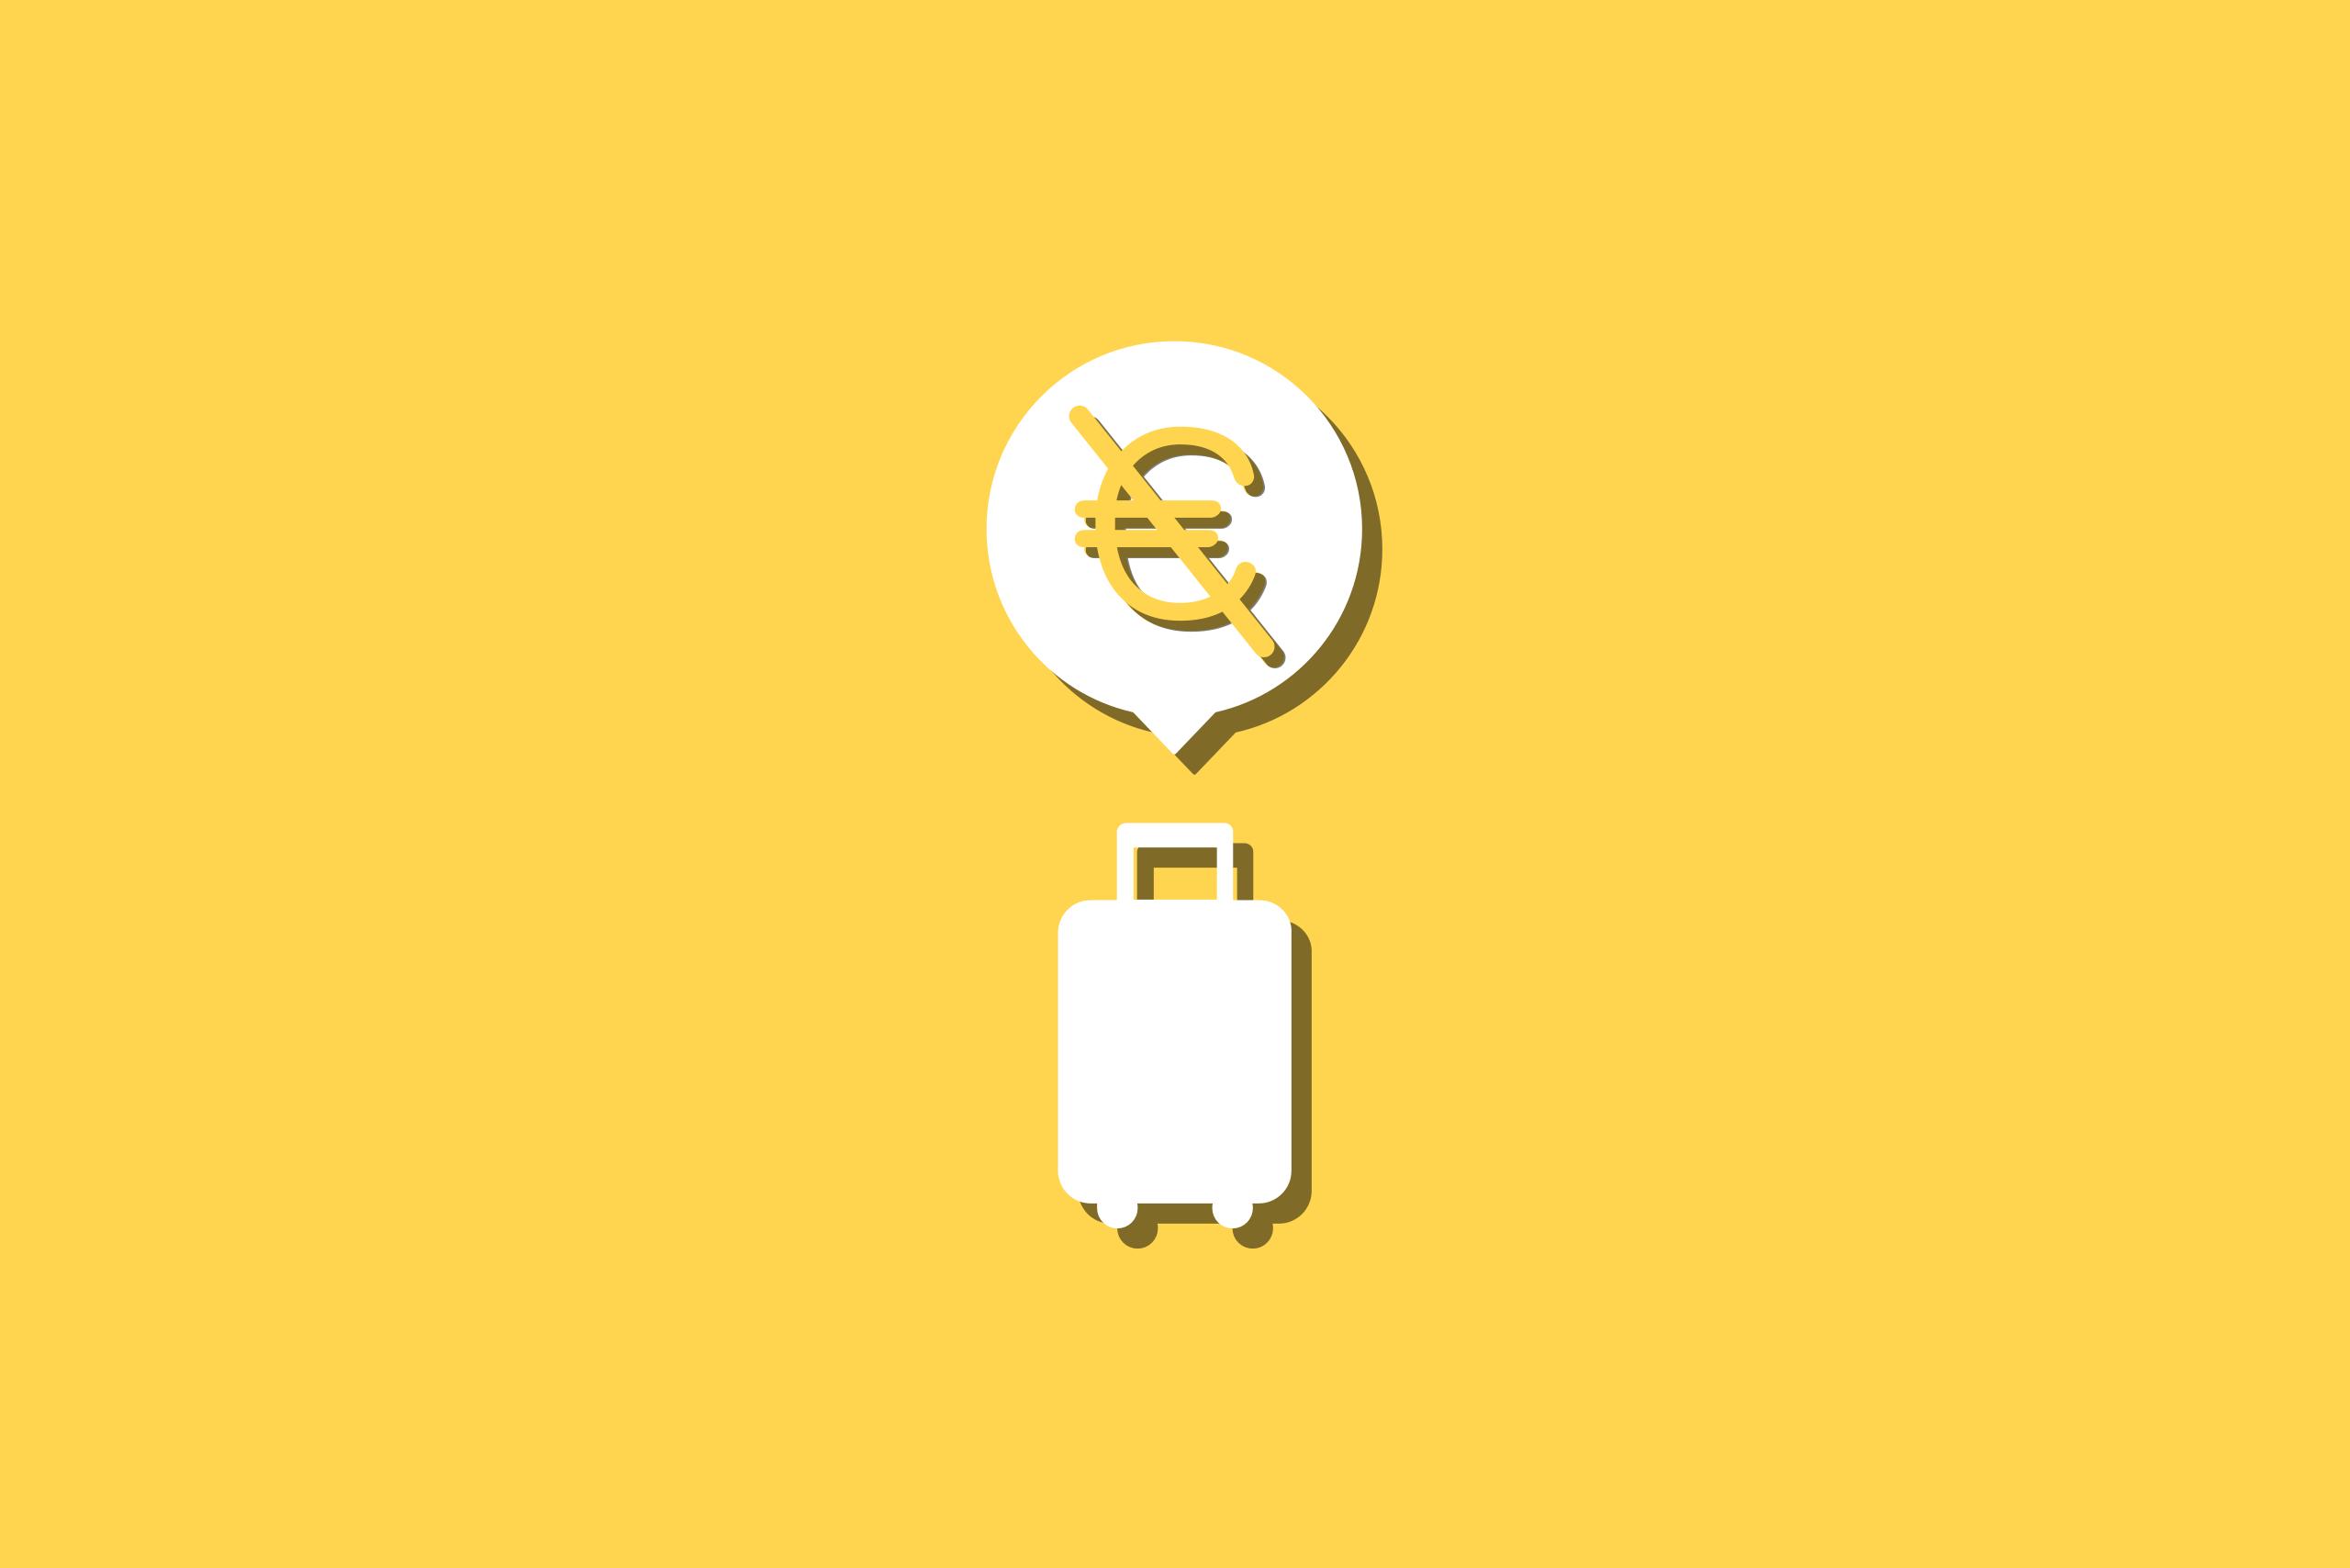 ¡Viajar (casi) gratis es posible!